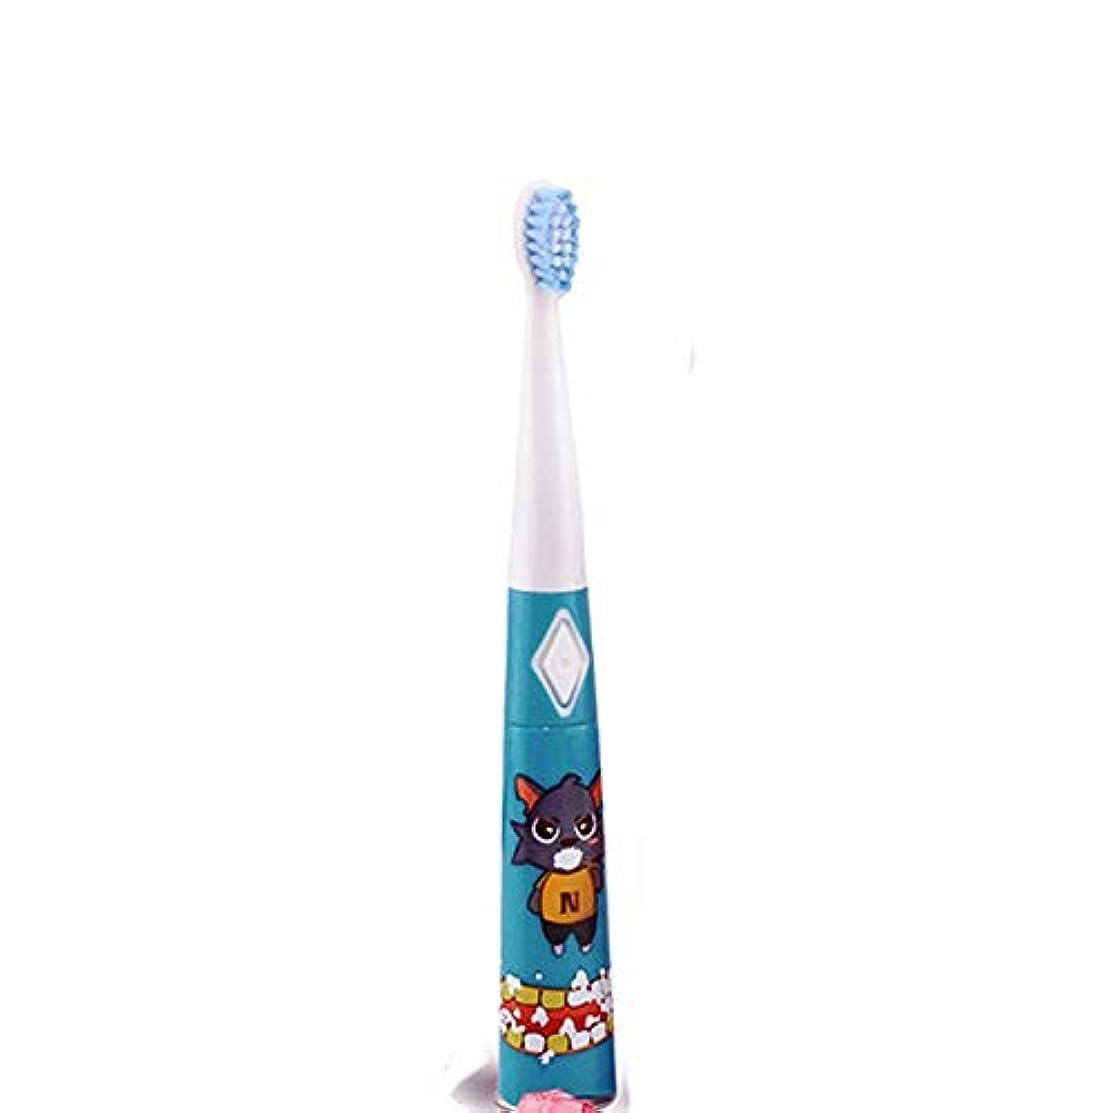 弱い見捨てられた平和電動歯ブラシ 子供の漫画のパターン電動歯ブラシ防水ソフト歯ブラシ 子供と大人に適して (色 : 青, サイズ : Free size)